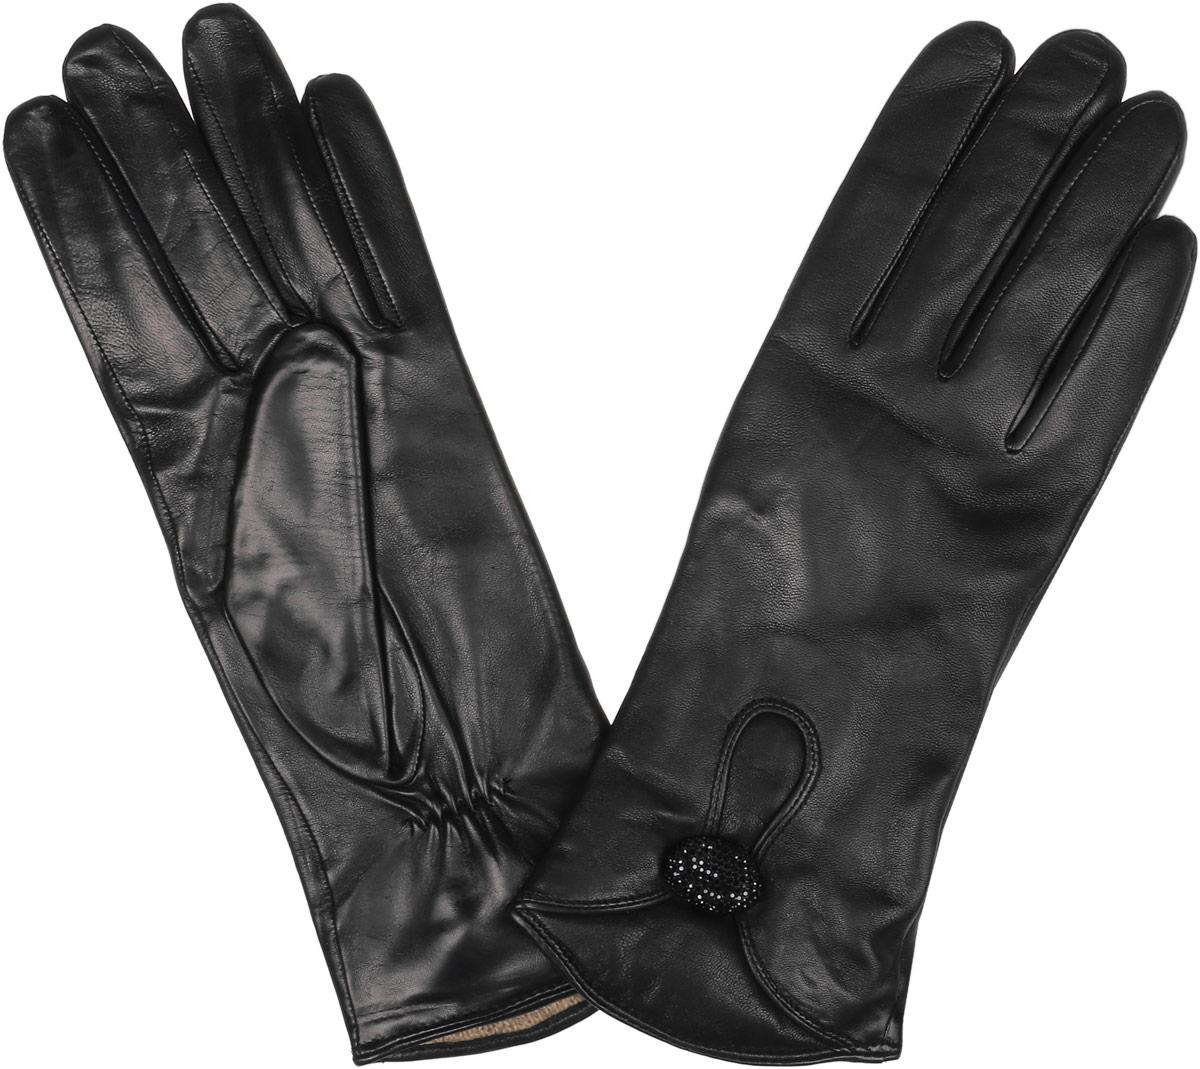 Перчатки2.9-1 blackСтильные женские перчатки Fabretti не только защитят ваши руки, но и станут великолепным украшением. Перчатки выполнены из натуральной кожи ягненка, а их подкладка - из высококачественной шерсти с добавлением кашемира. Модель оформлена пуговичкой с блестящими стразами. Перчатки имеют строчки - стежки на запястье, которые придают большее удобство при носке. Стильный аксессуар для повседневного образа.